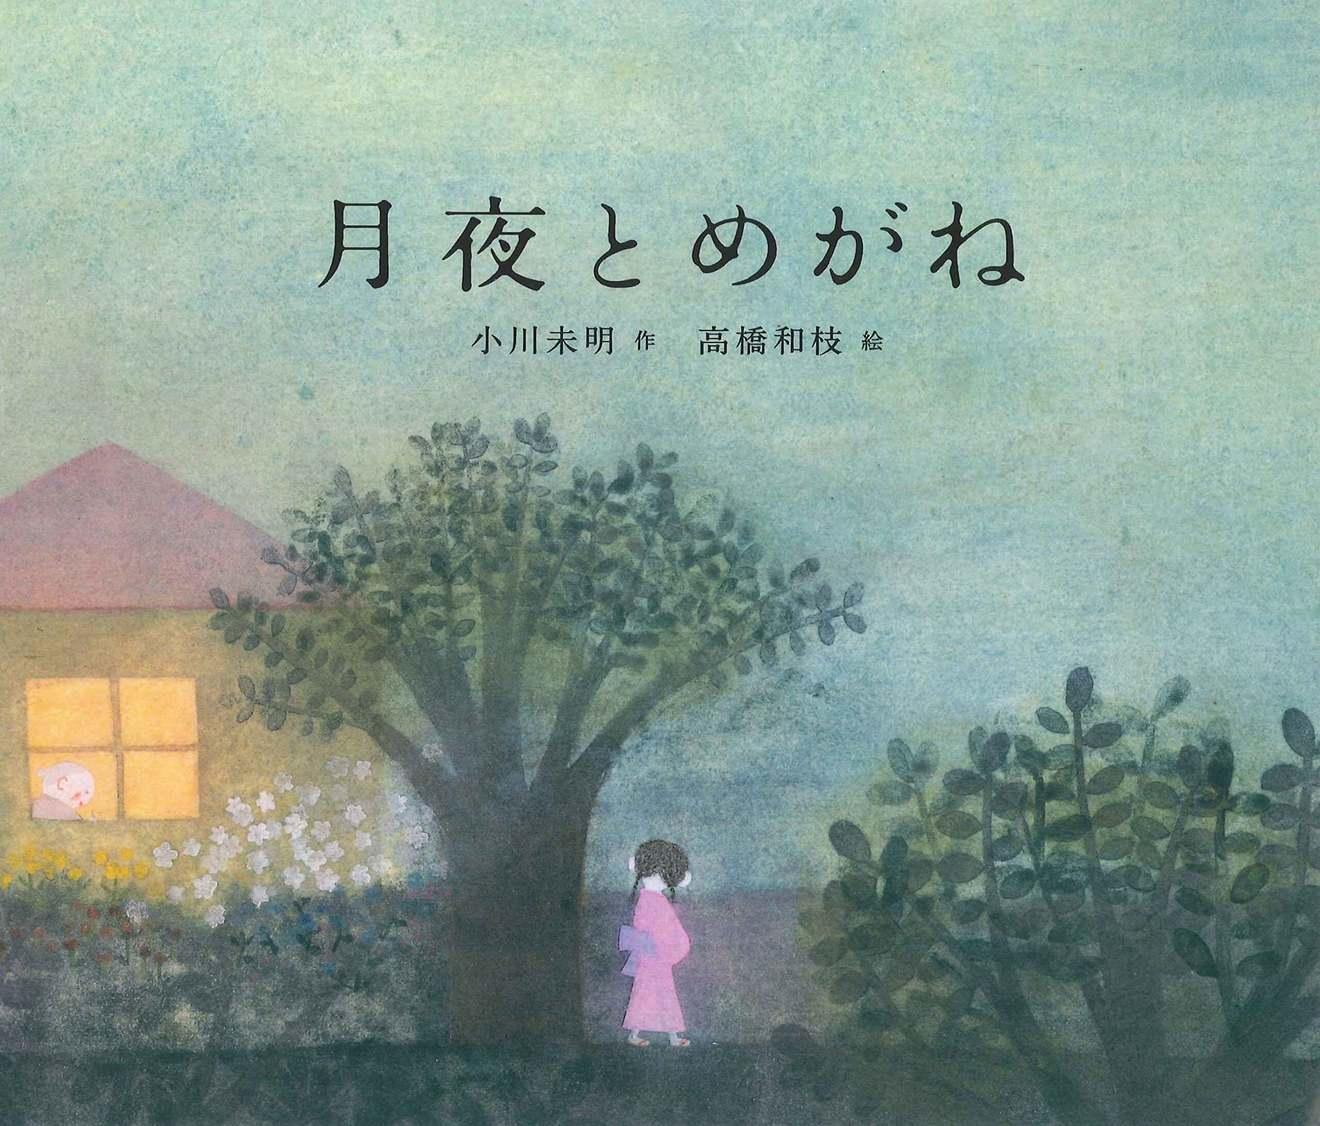 小川未明のおすすめ作品4選!児童文学の父が描いた童話